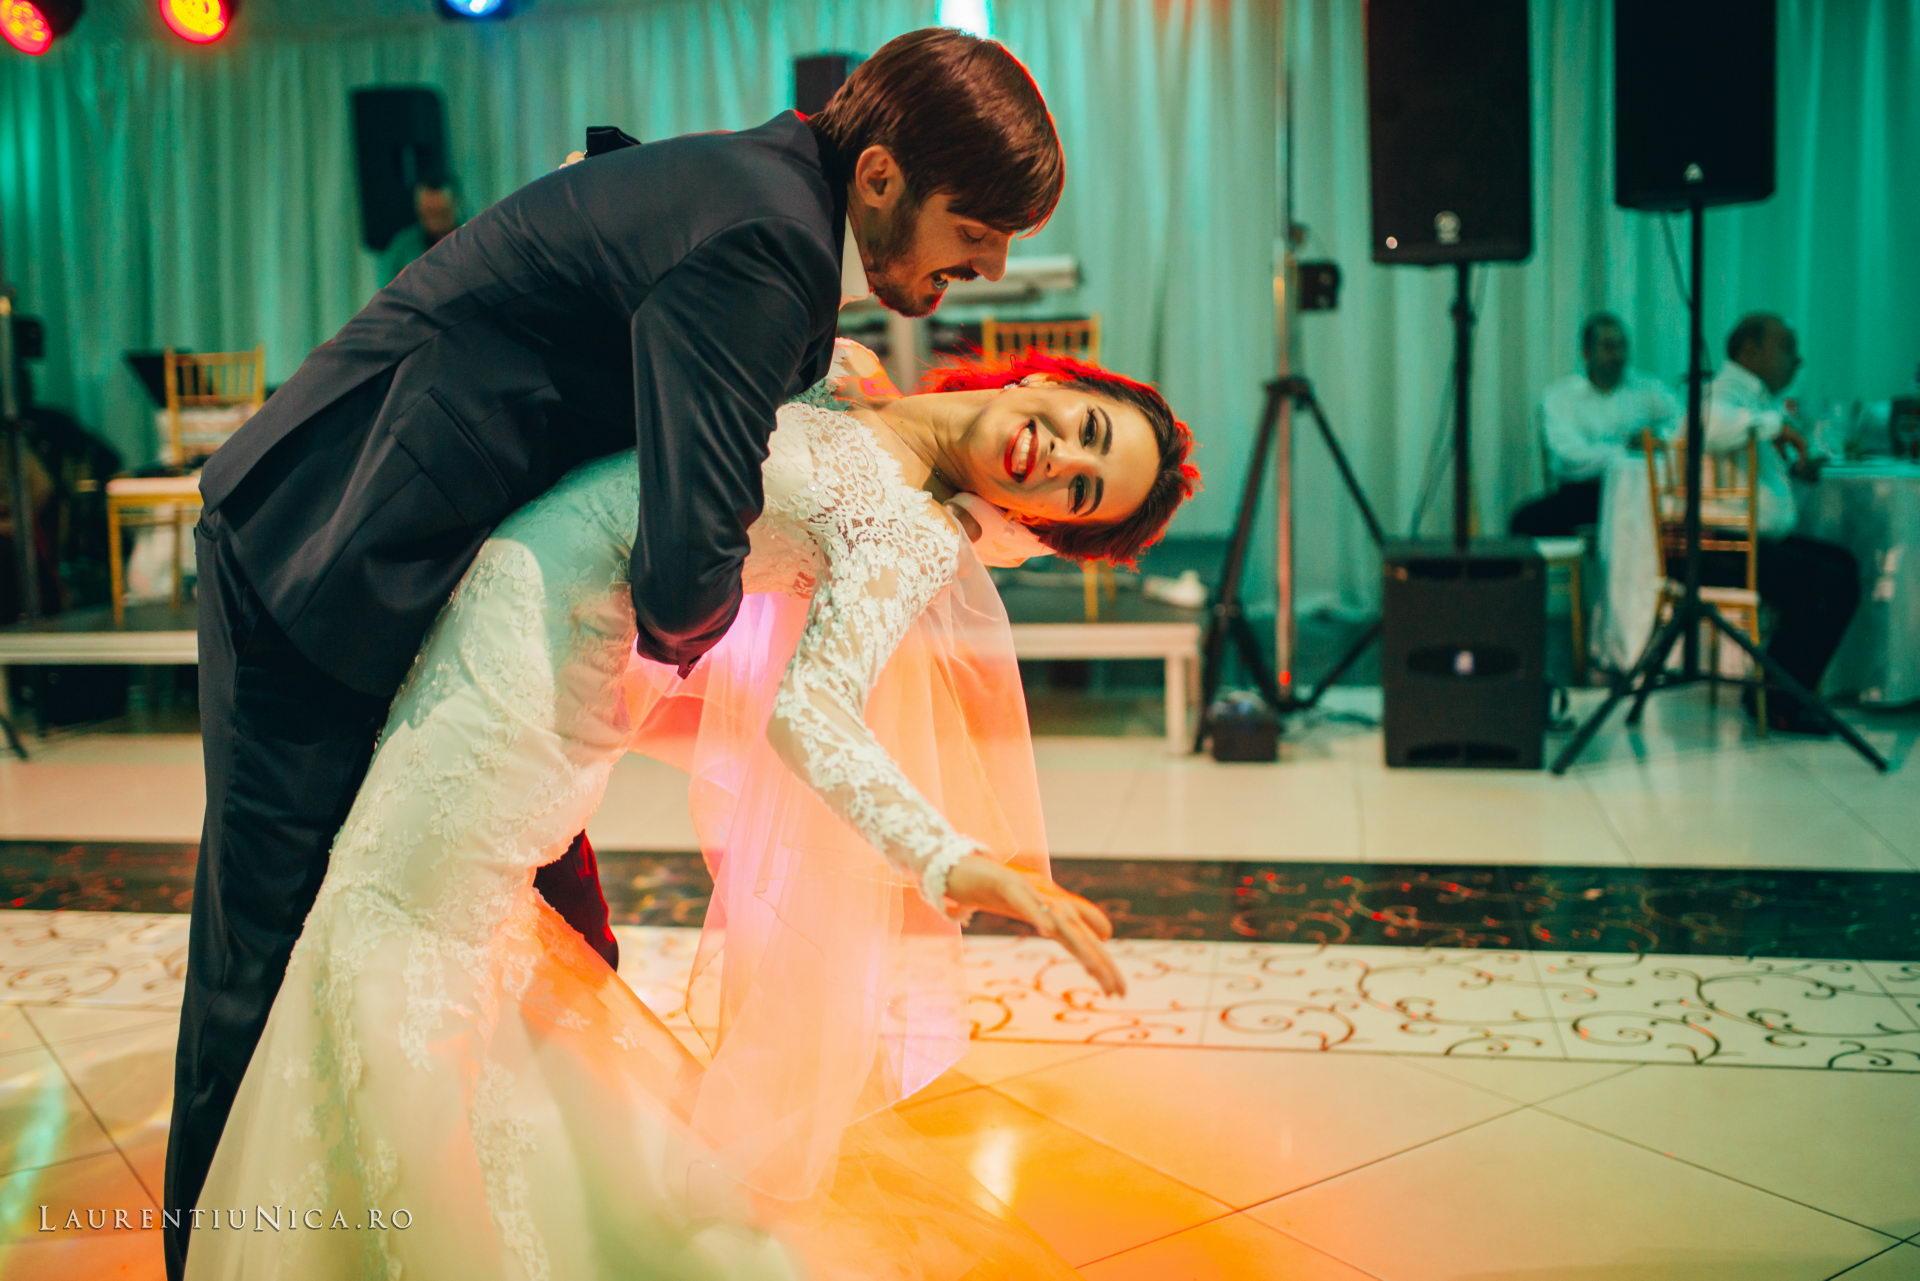 Cristina si Ovidiu nunta Craiova fotograf laurentiu nica 141 - Cristina & Ovidiu | Fotografii nunta | Craiova